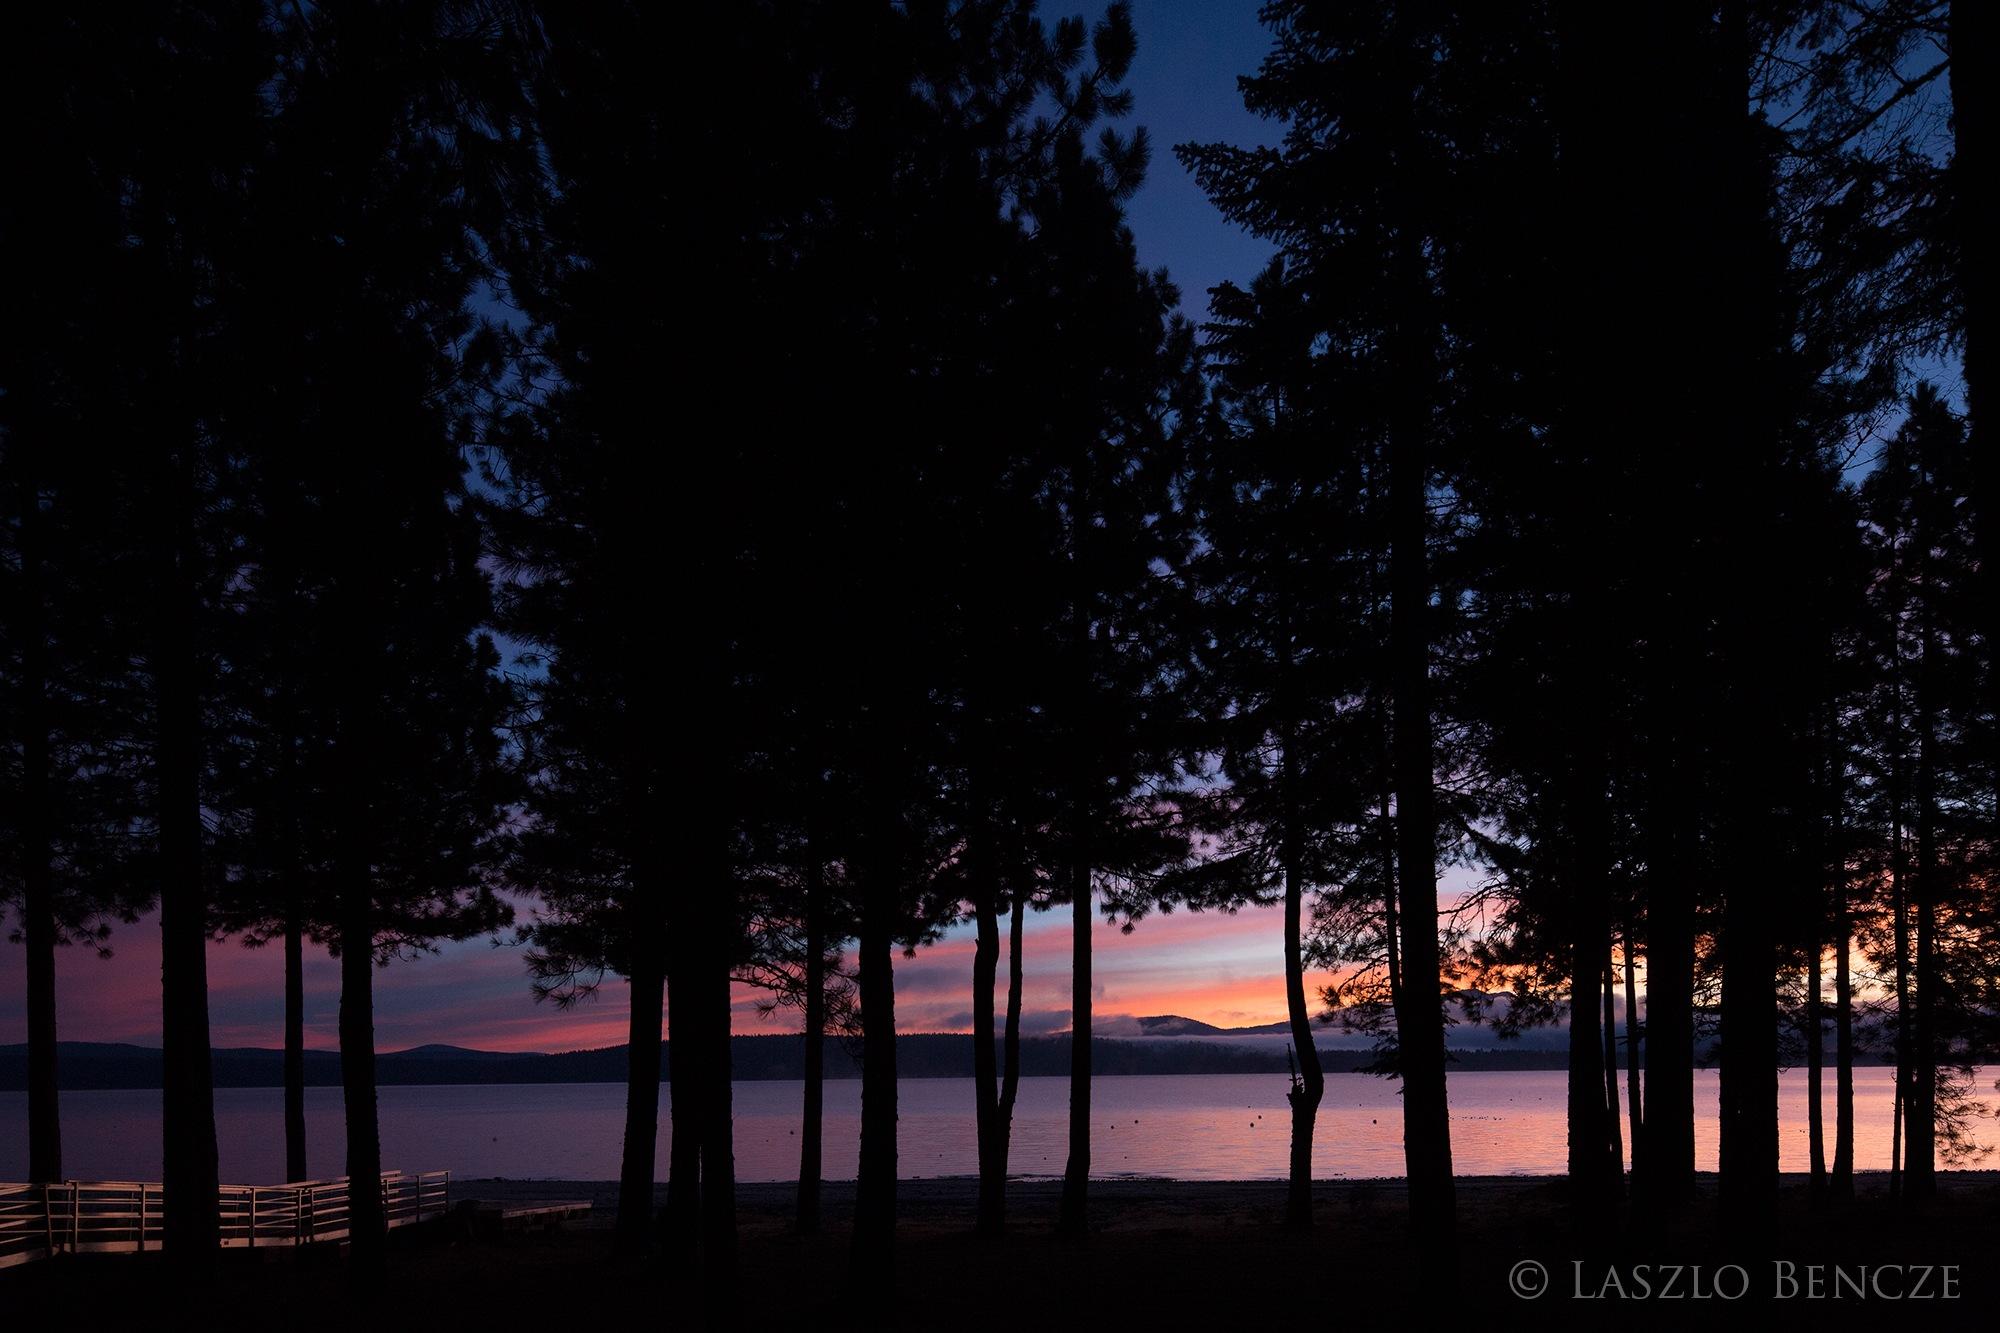 Almanor Lake Sunrise by Laszlo Bencze